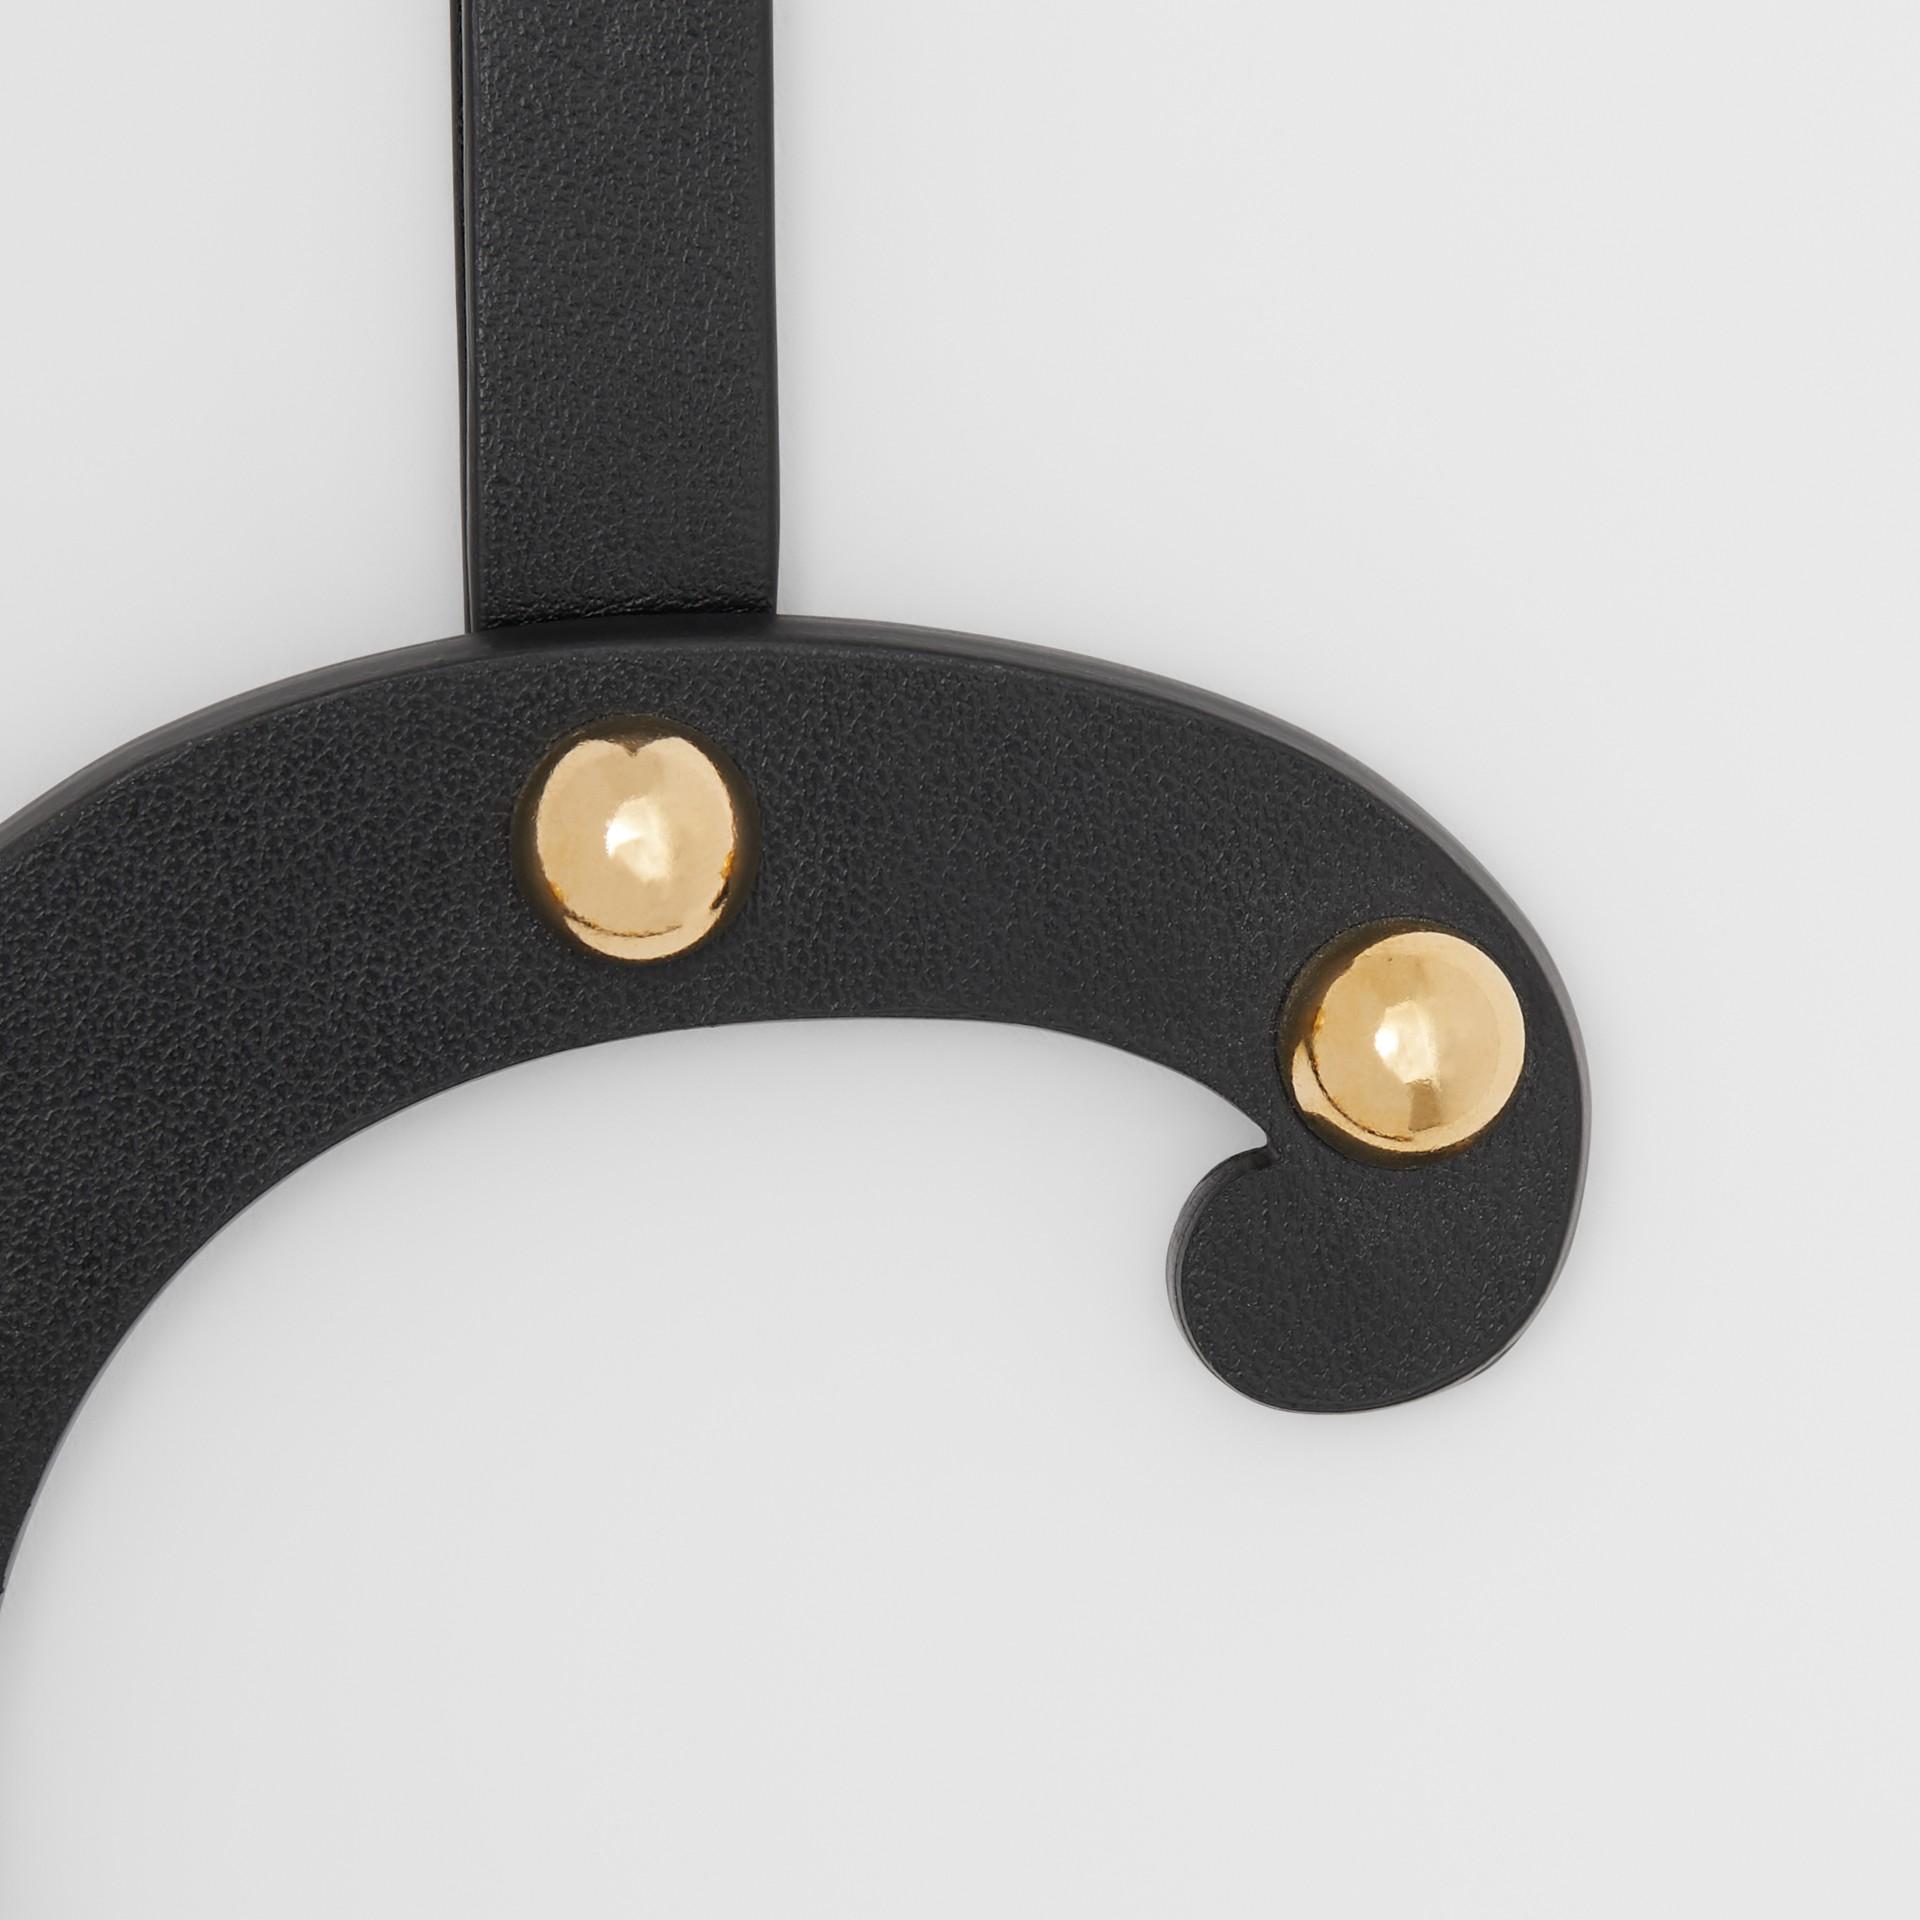 Taschenanhänger aus Leder in C-Form mit Ziernieten (Schwarz/helles Goldfarben) - Damen | Burberry - Galerie-Bild 1